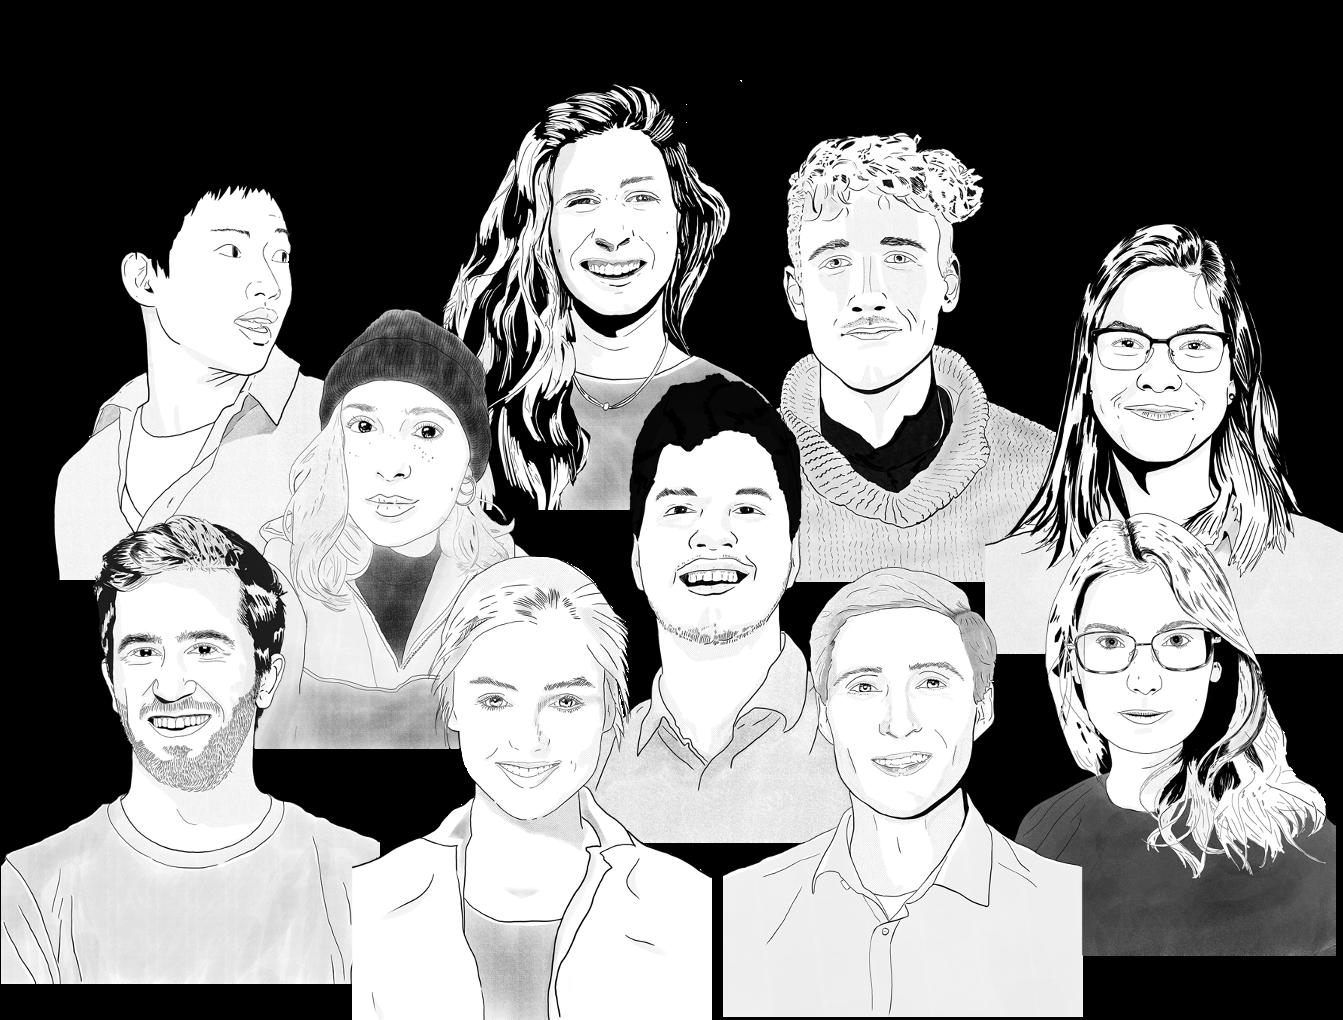 Gezeichnete Skizzen der eiria-Teammitglieder. Unten in der Mitte die Geschäftsführer und Gründer Esther Hummel und Patrick N. Frank. Darum herum versammelt das restliche Team.